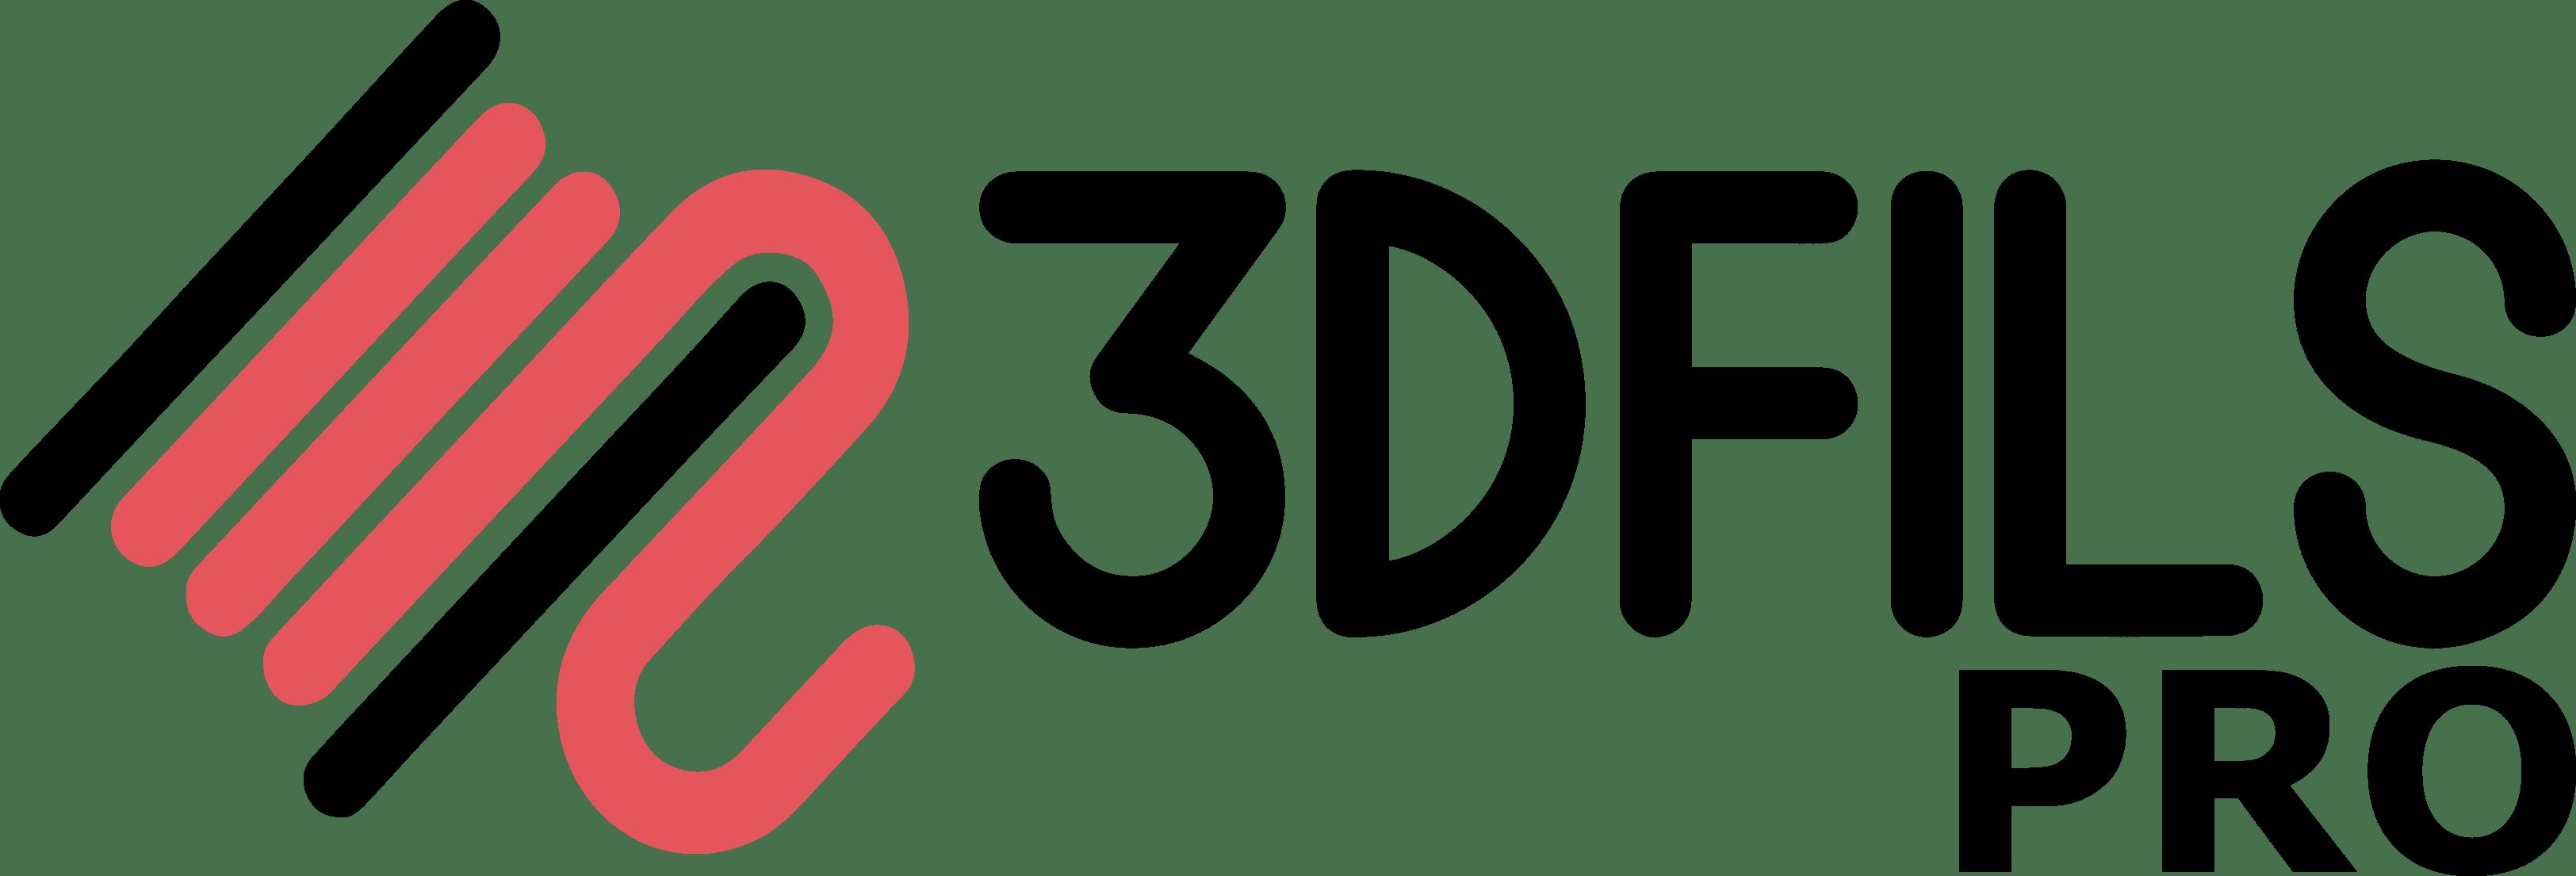 3DFILS PRO descuentos en filamento 3D por volumen